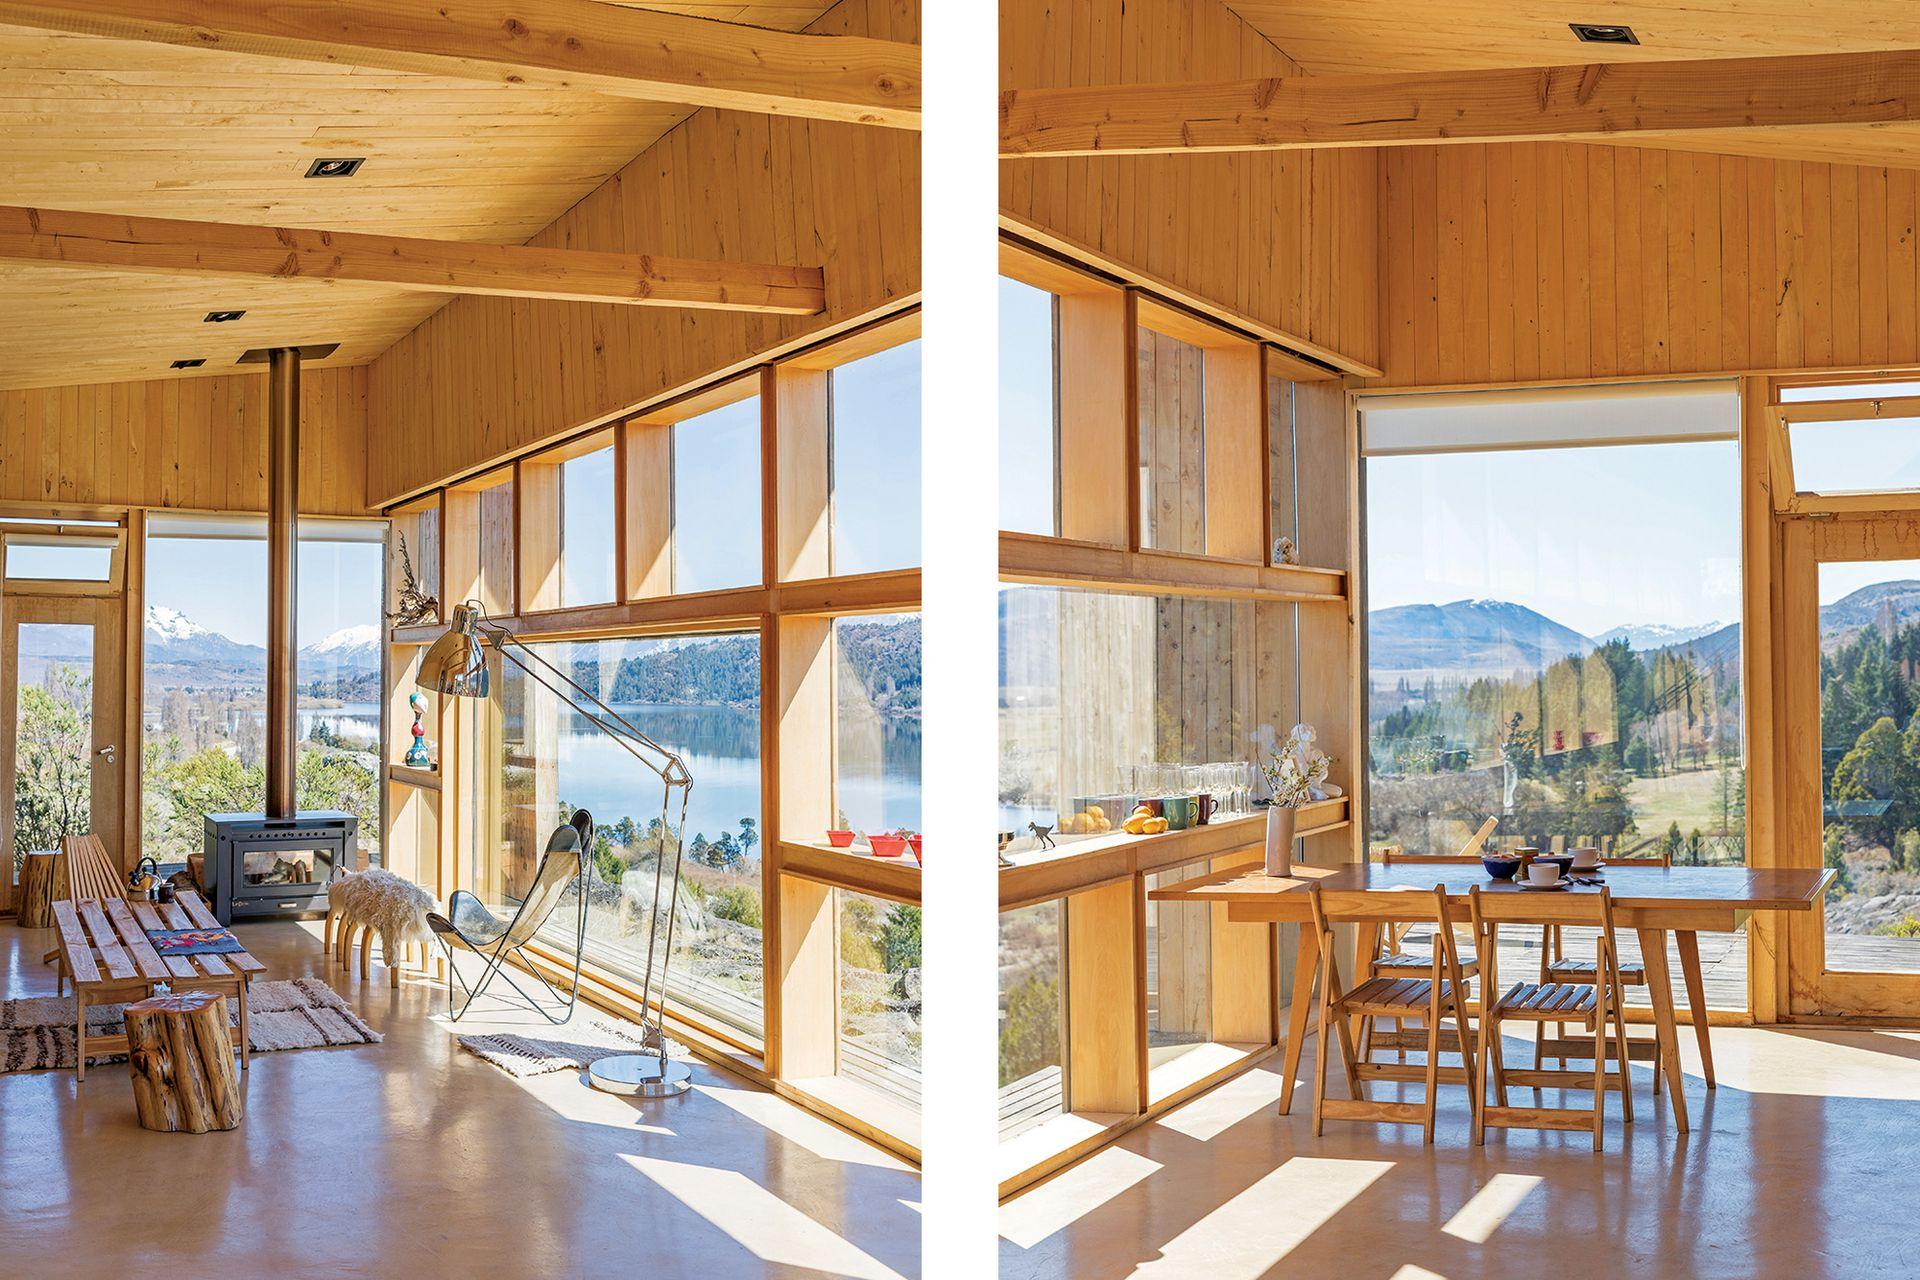 La lámpara de pie (GA Iluminación Casa) es otro elemento del mundo de la arquitectura, ya que se asemeja a las de los tableros de dibujo, pero en gran escala. Banco de madera con corderito (Elementos Argentinos).